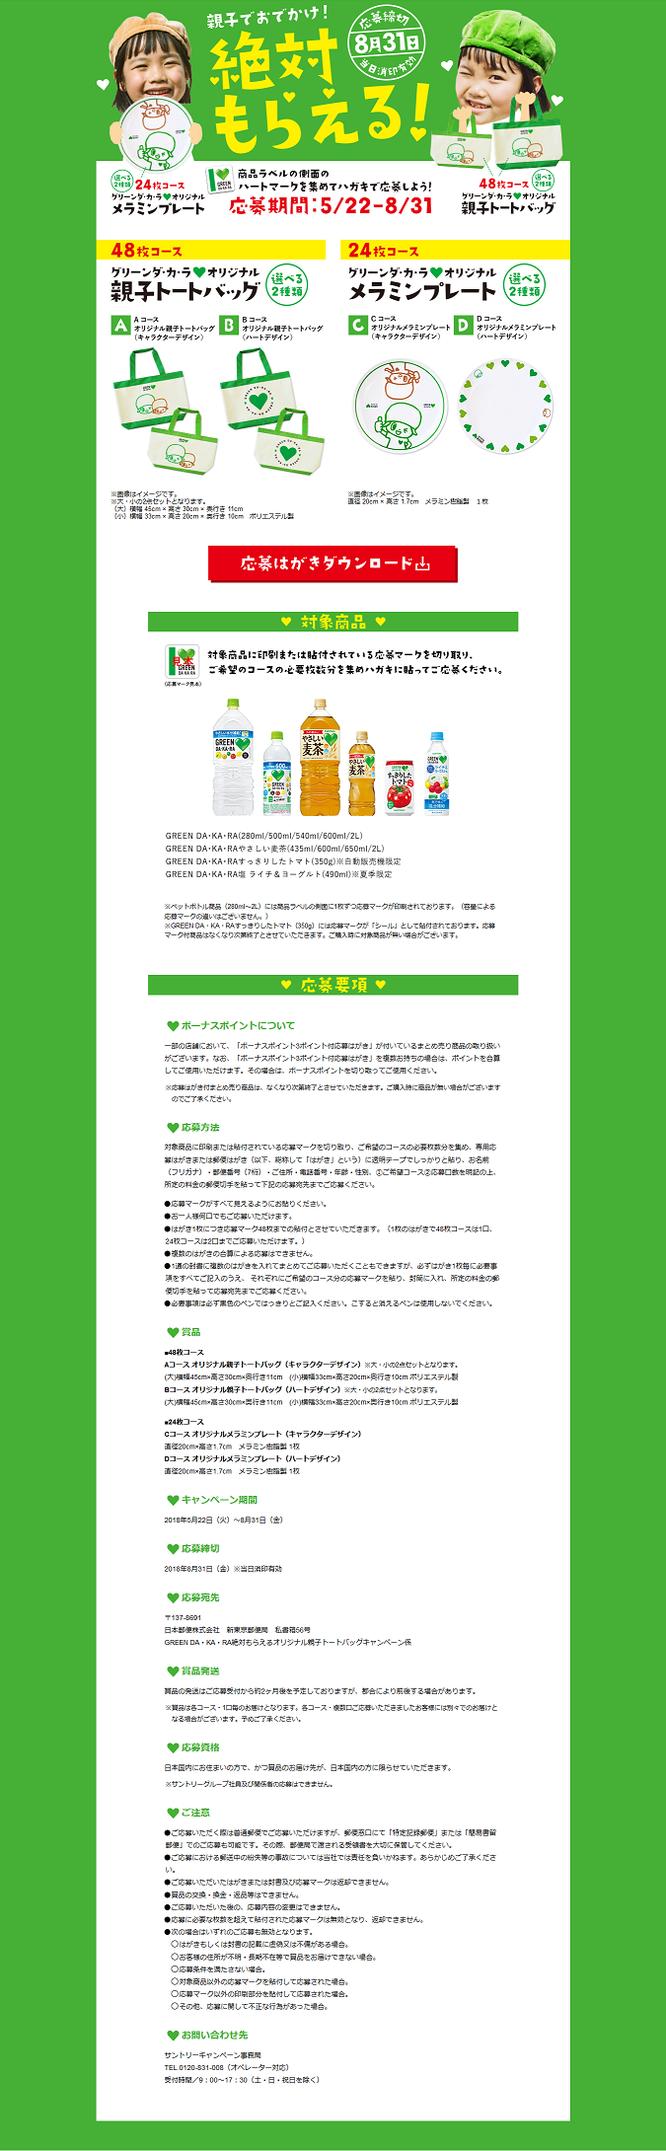 【サントリー】GREEN DA・KA・RA 絶対もらえるオリジナル親子トートバッグキャンペーン